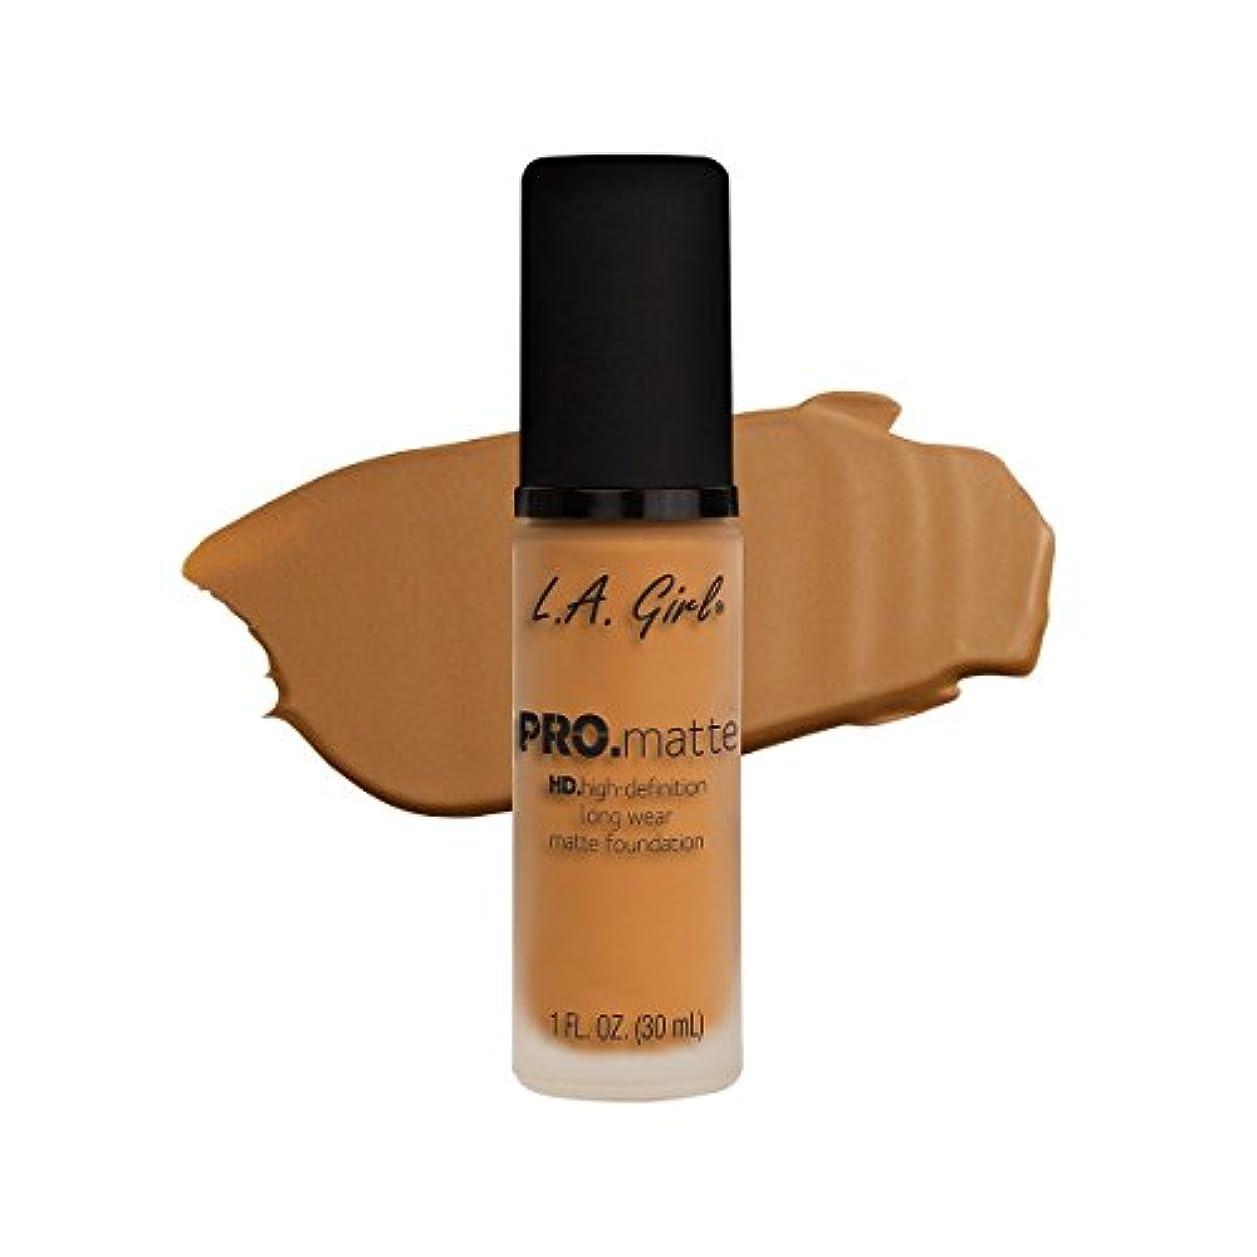 仲間、同僚有限付ける(6 Pack) L.A. GIRL Pro Matte Foundation - Golden Bronze (並行輸入品)